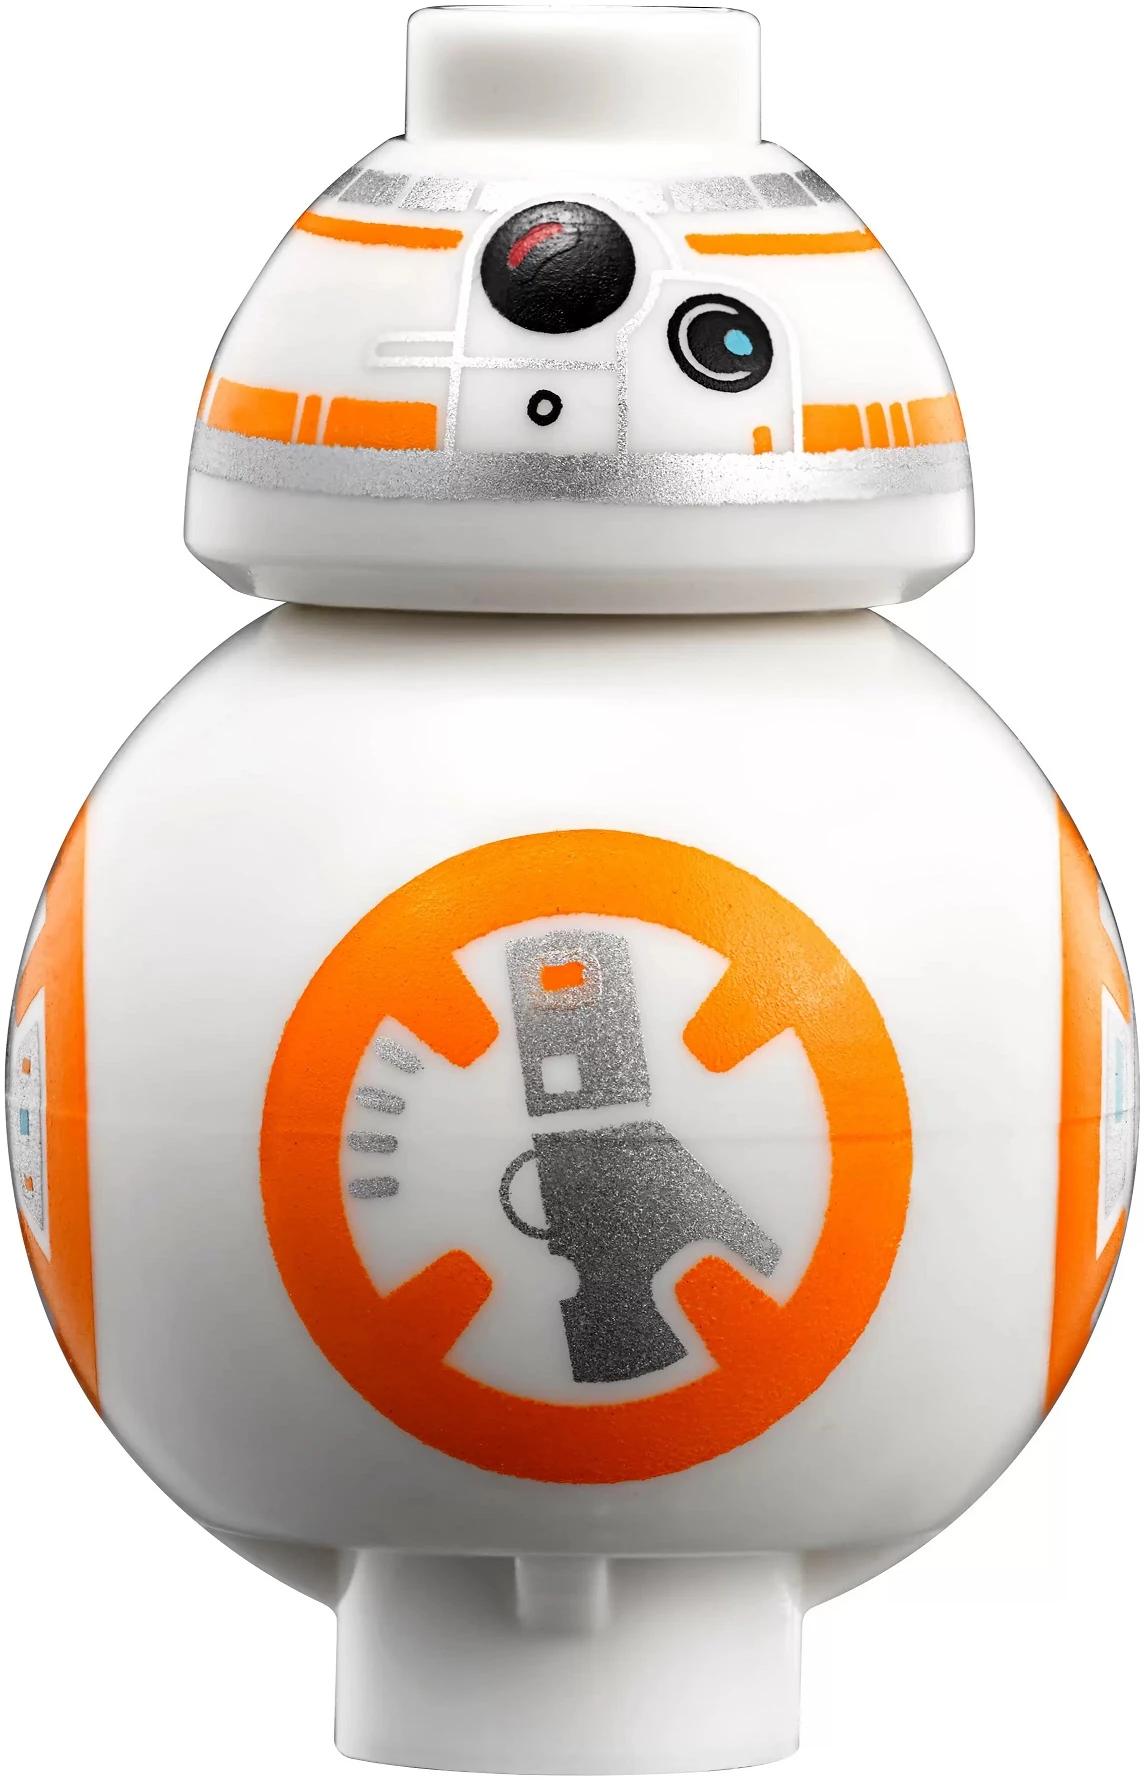 LEGO Star Wars Force Awakens BB-8 Droid Minifigure 75148 BB8 Mini Fig